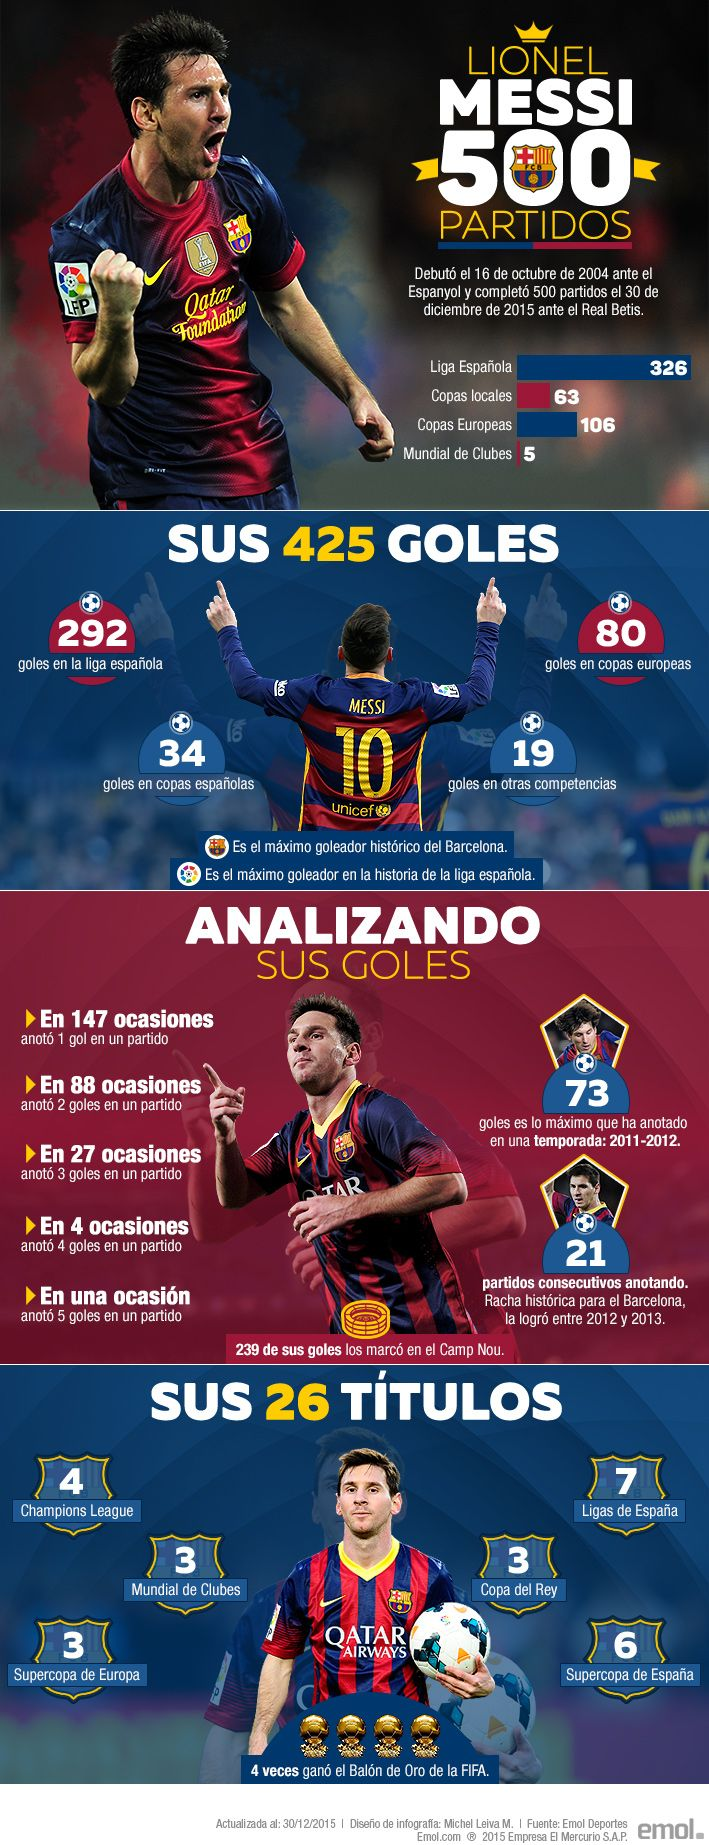 Infografía: Los espectaculares números de Lionel Messi tras sus 500 partidos con el Barcelona